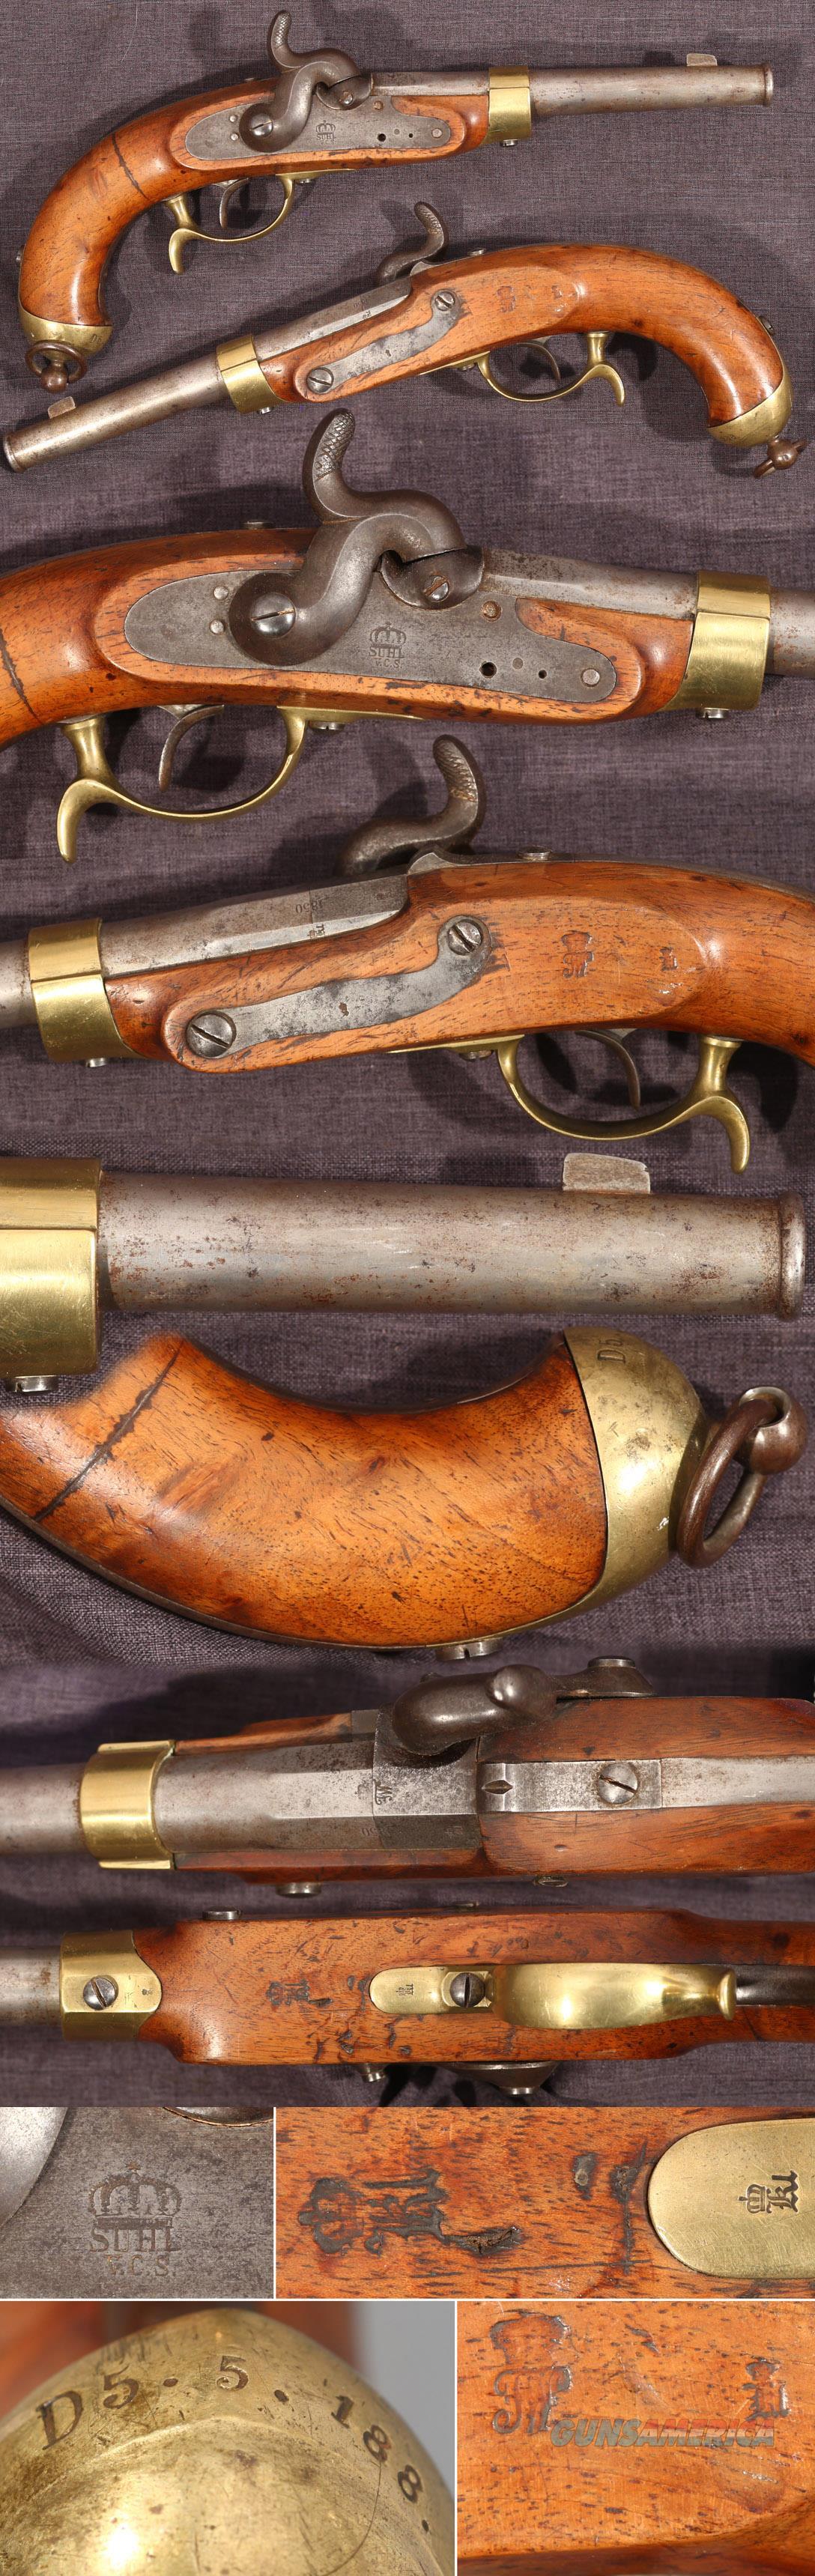 Prussian M1850 percussion cavalry pistol  Guns > Pistols > Muzzleloading Pre-1899 Pistols (perc)